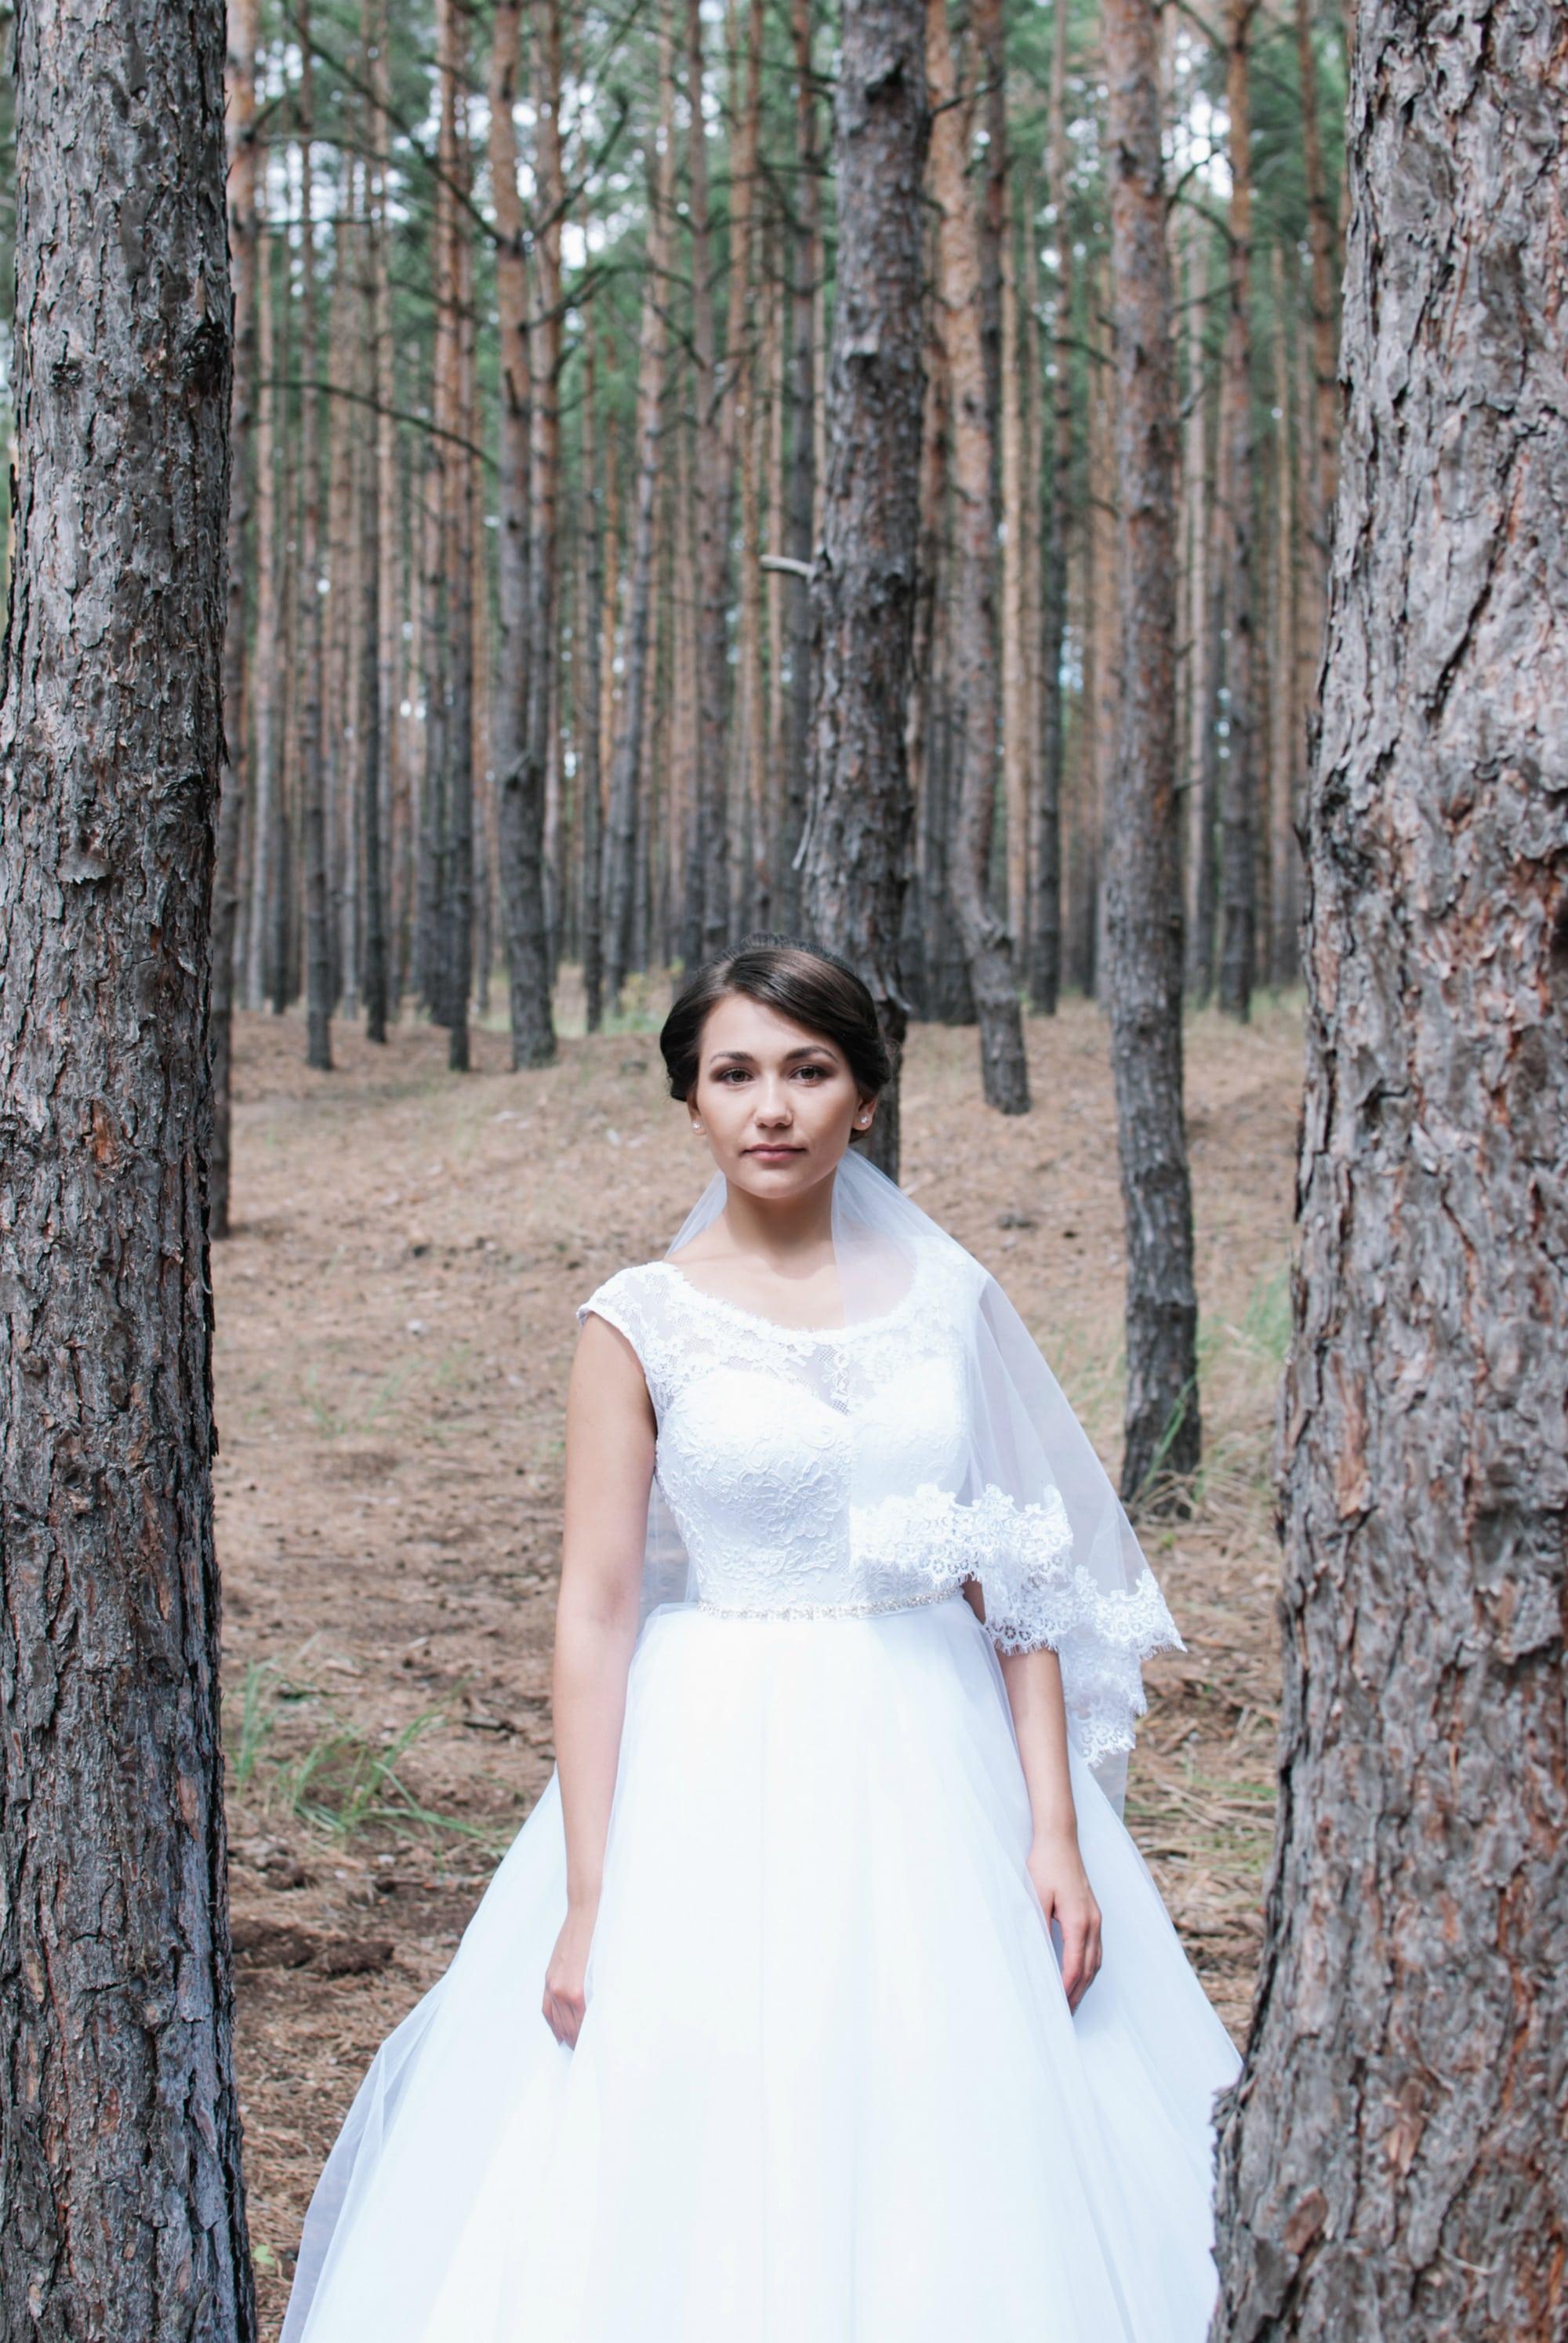 Фотография невесты в лесу - Фотограф Киев - Женя Лайт